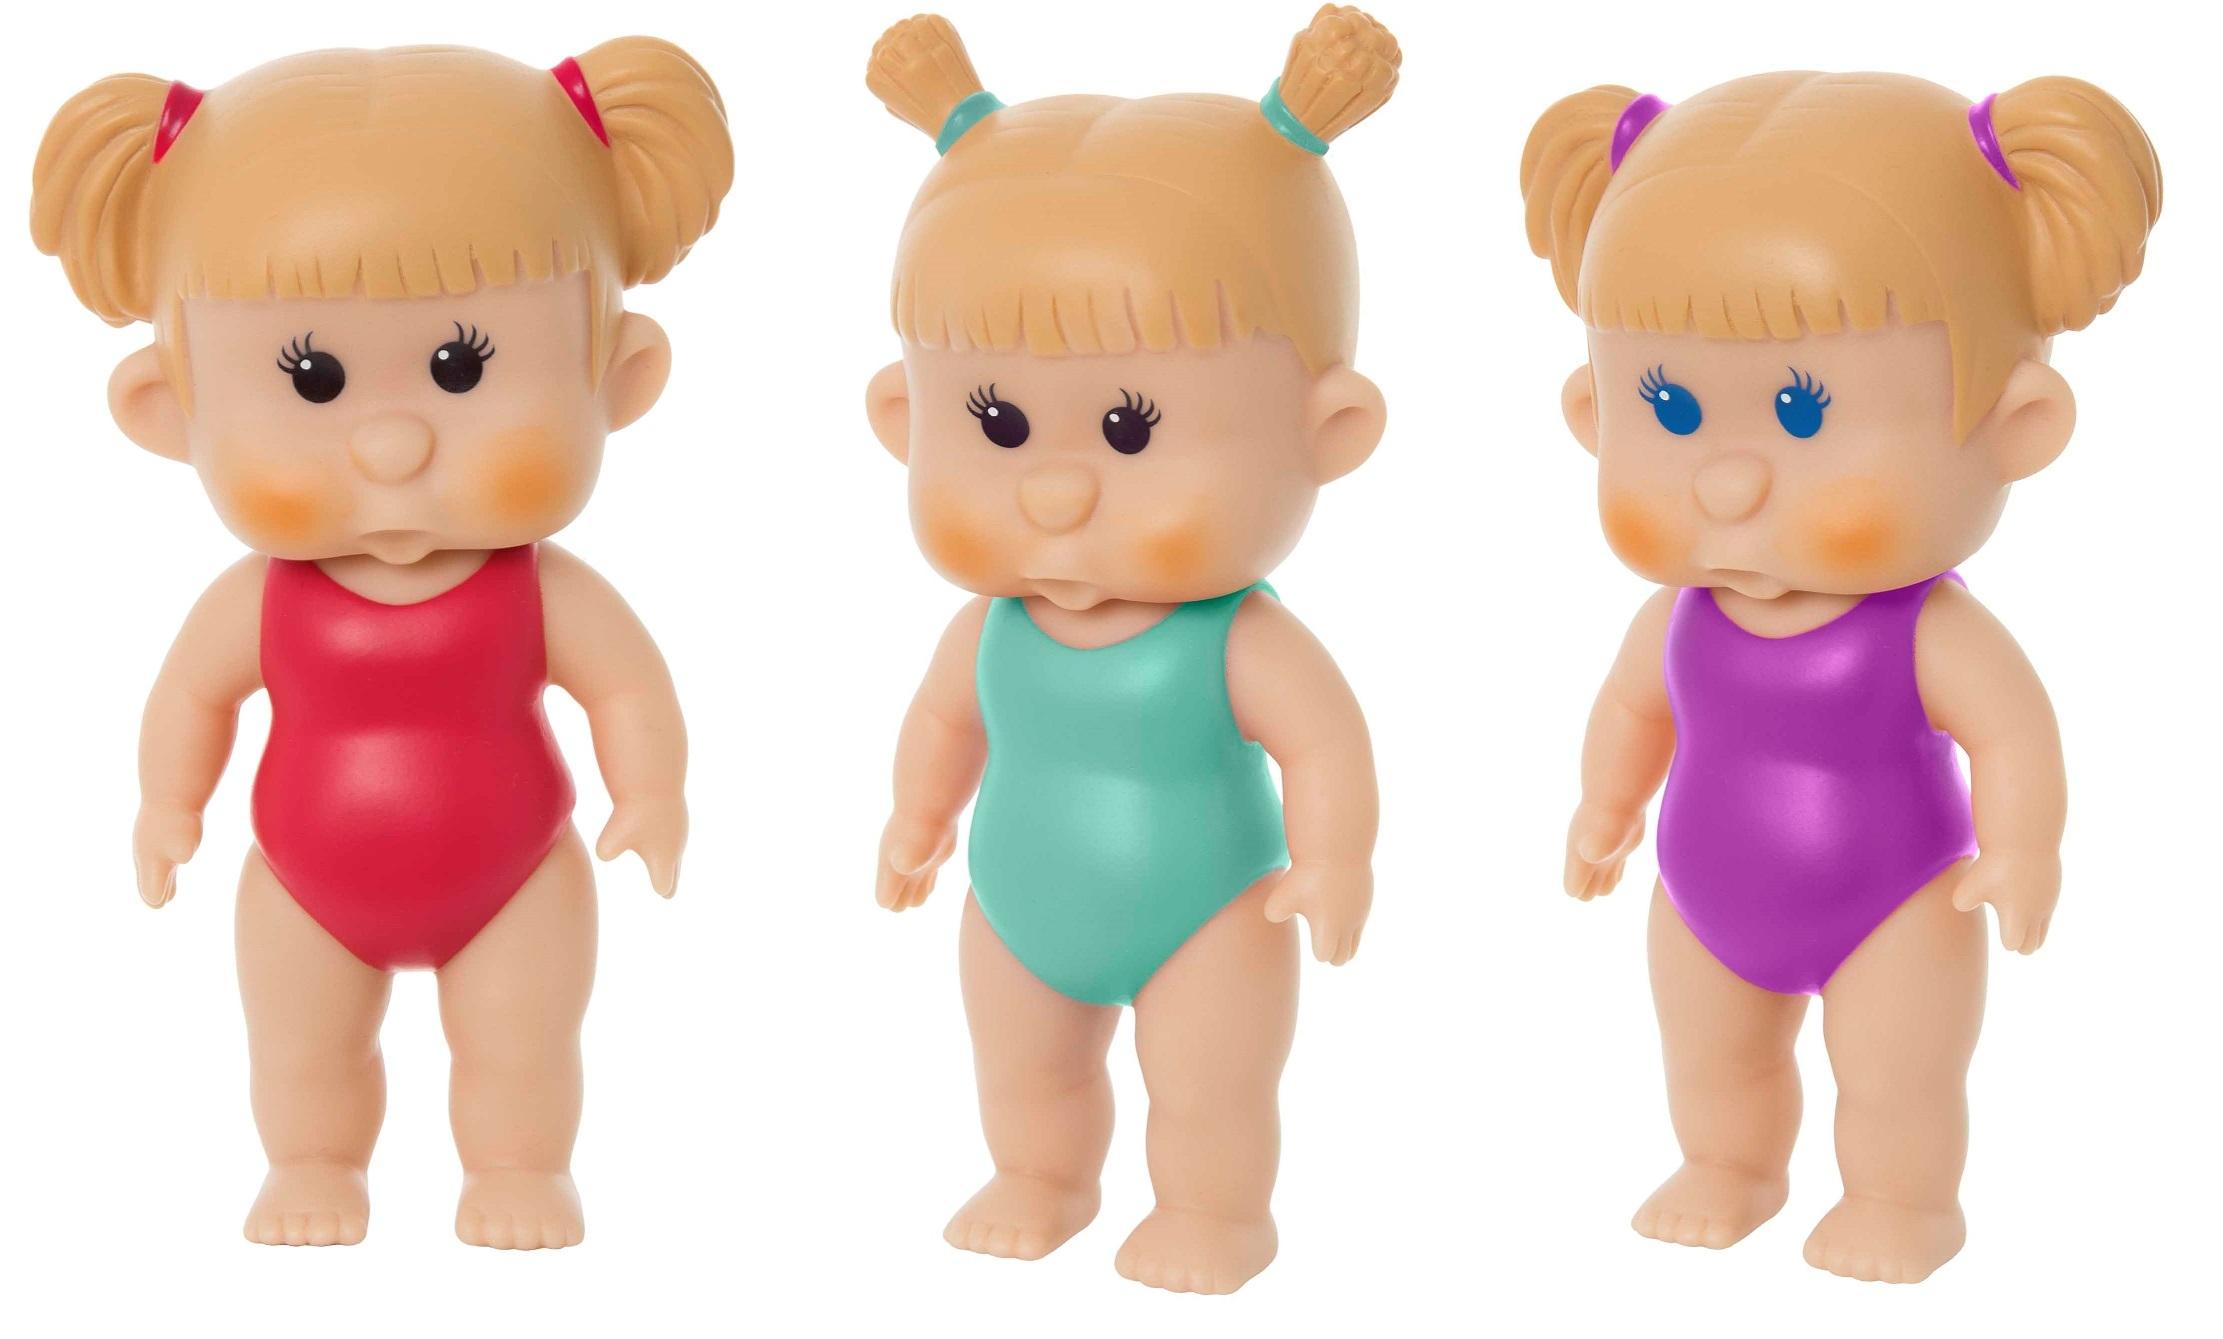 Игрушки для ванны Курносики Куколка Аленка игрушки для ванны курносики игрушка для ванны крокодил 25166